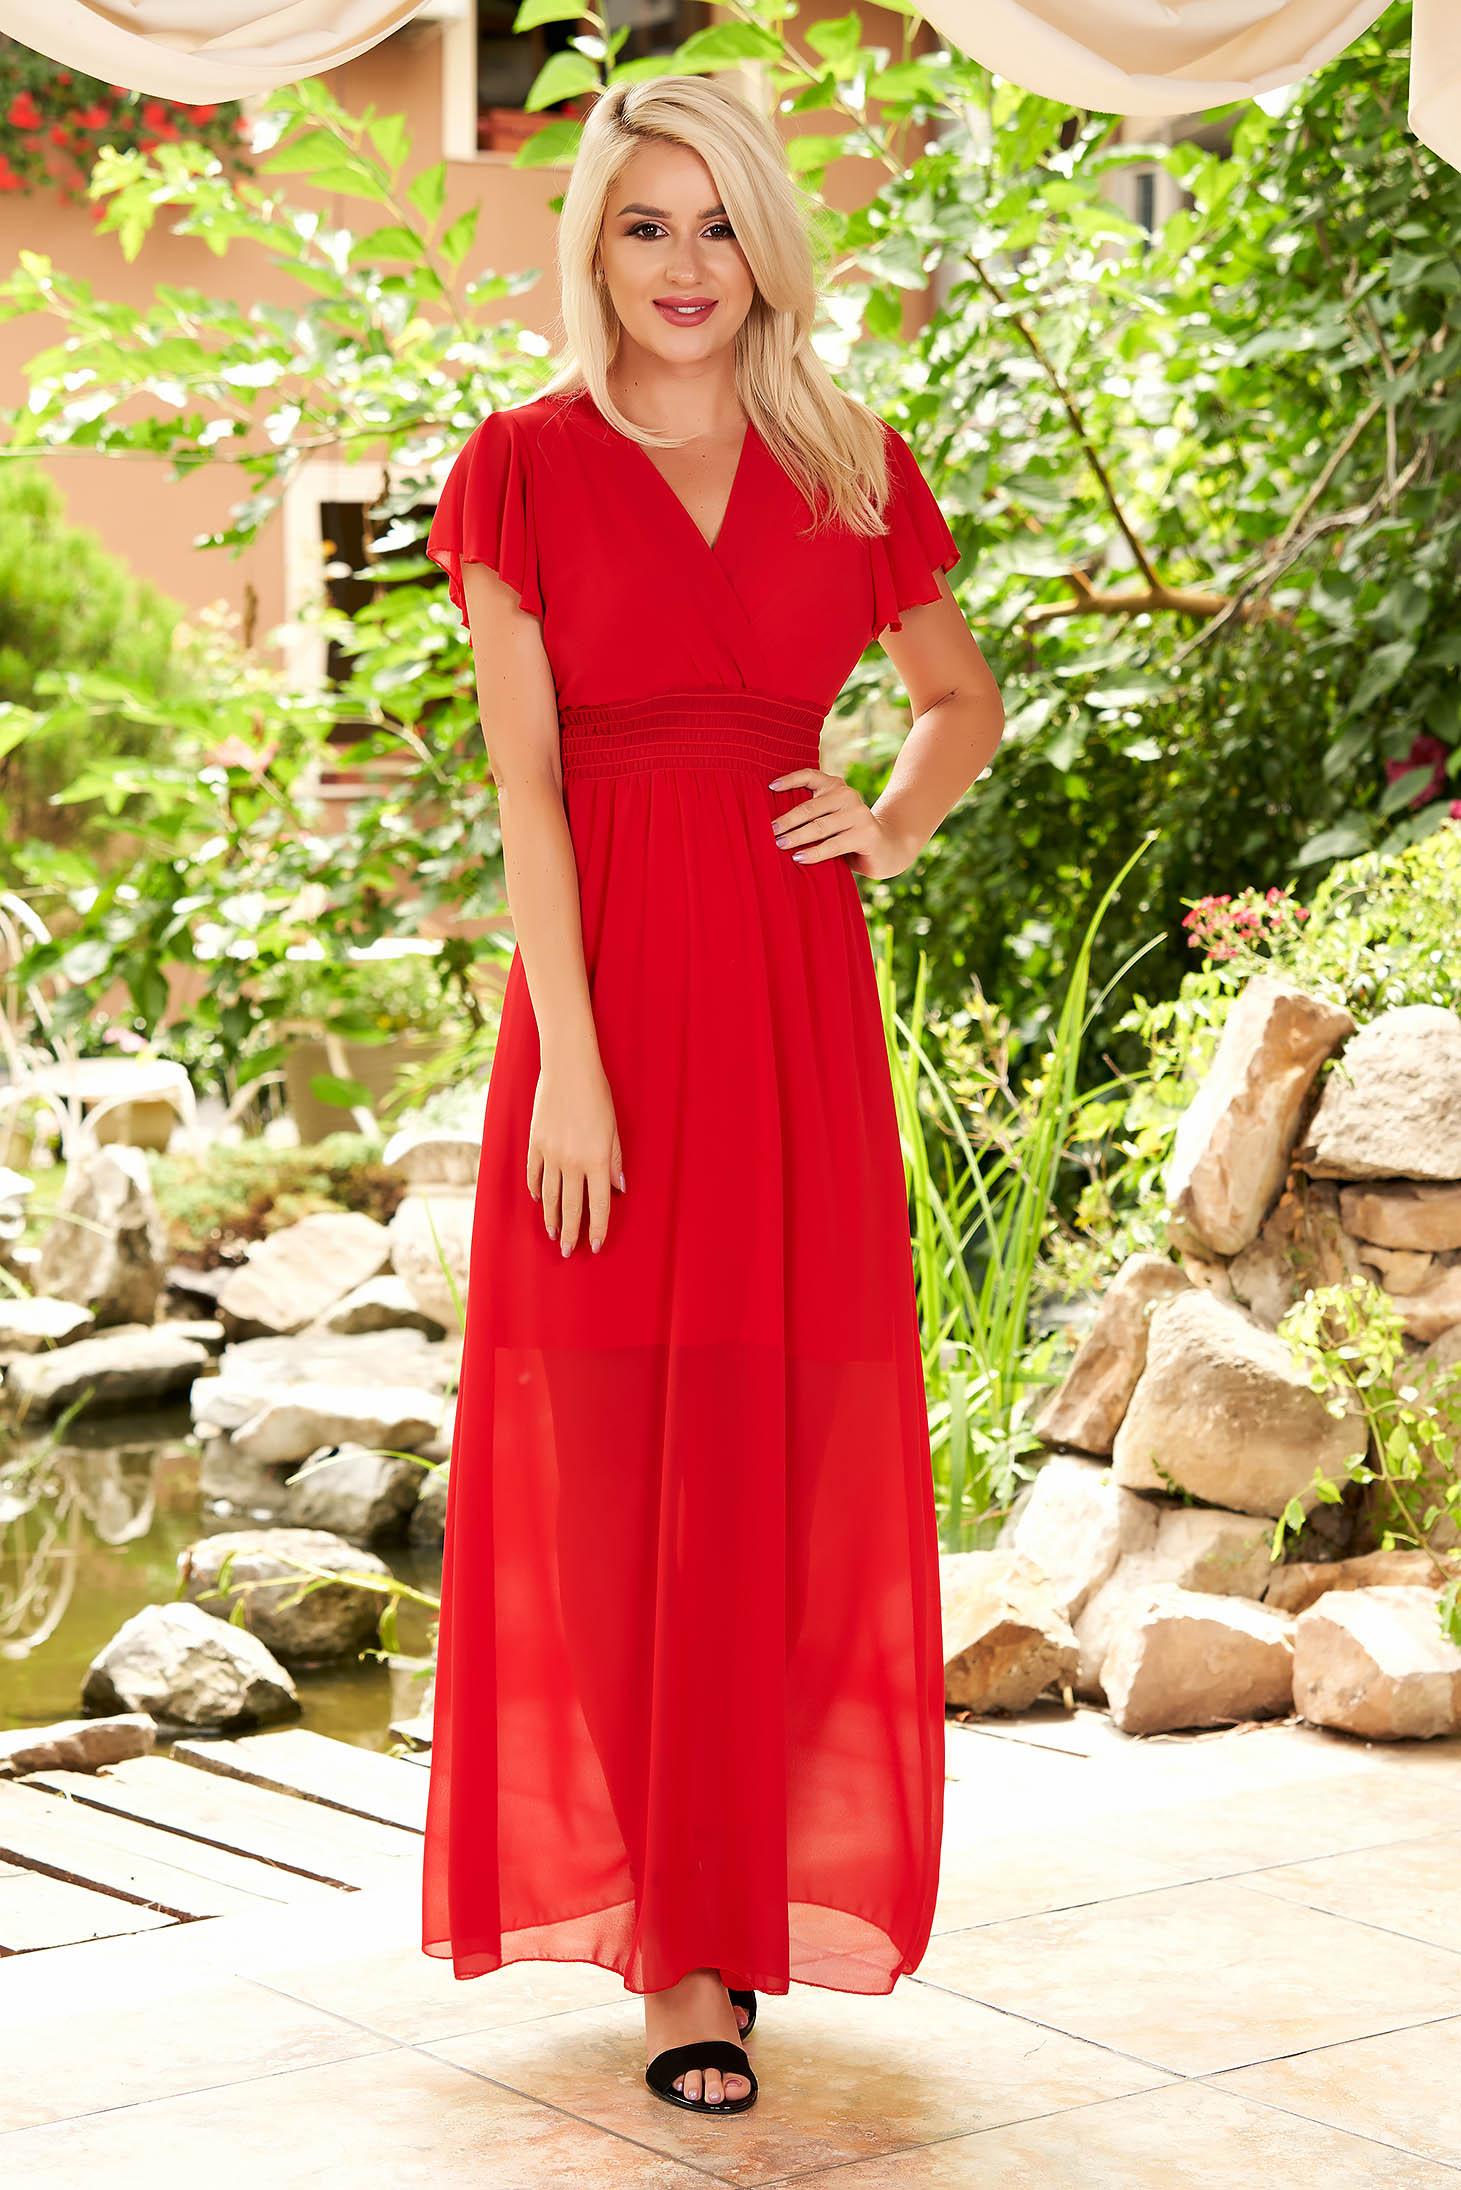 Rochie SunShine rosie rochii maxi de zi din voal cu maneci tip fluture cu decolteu in v si elastic in talie